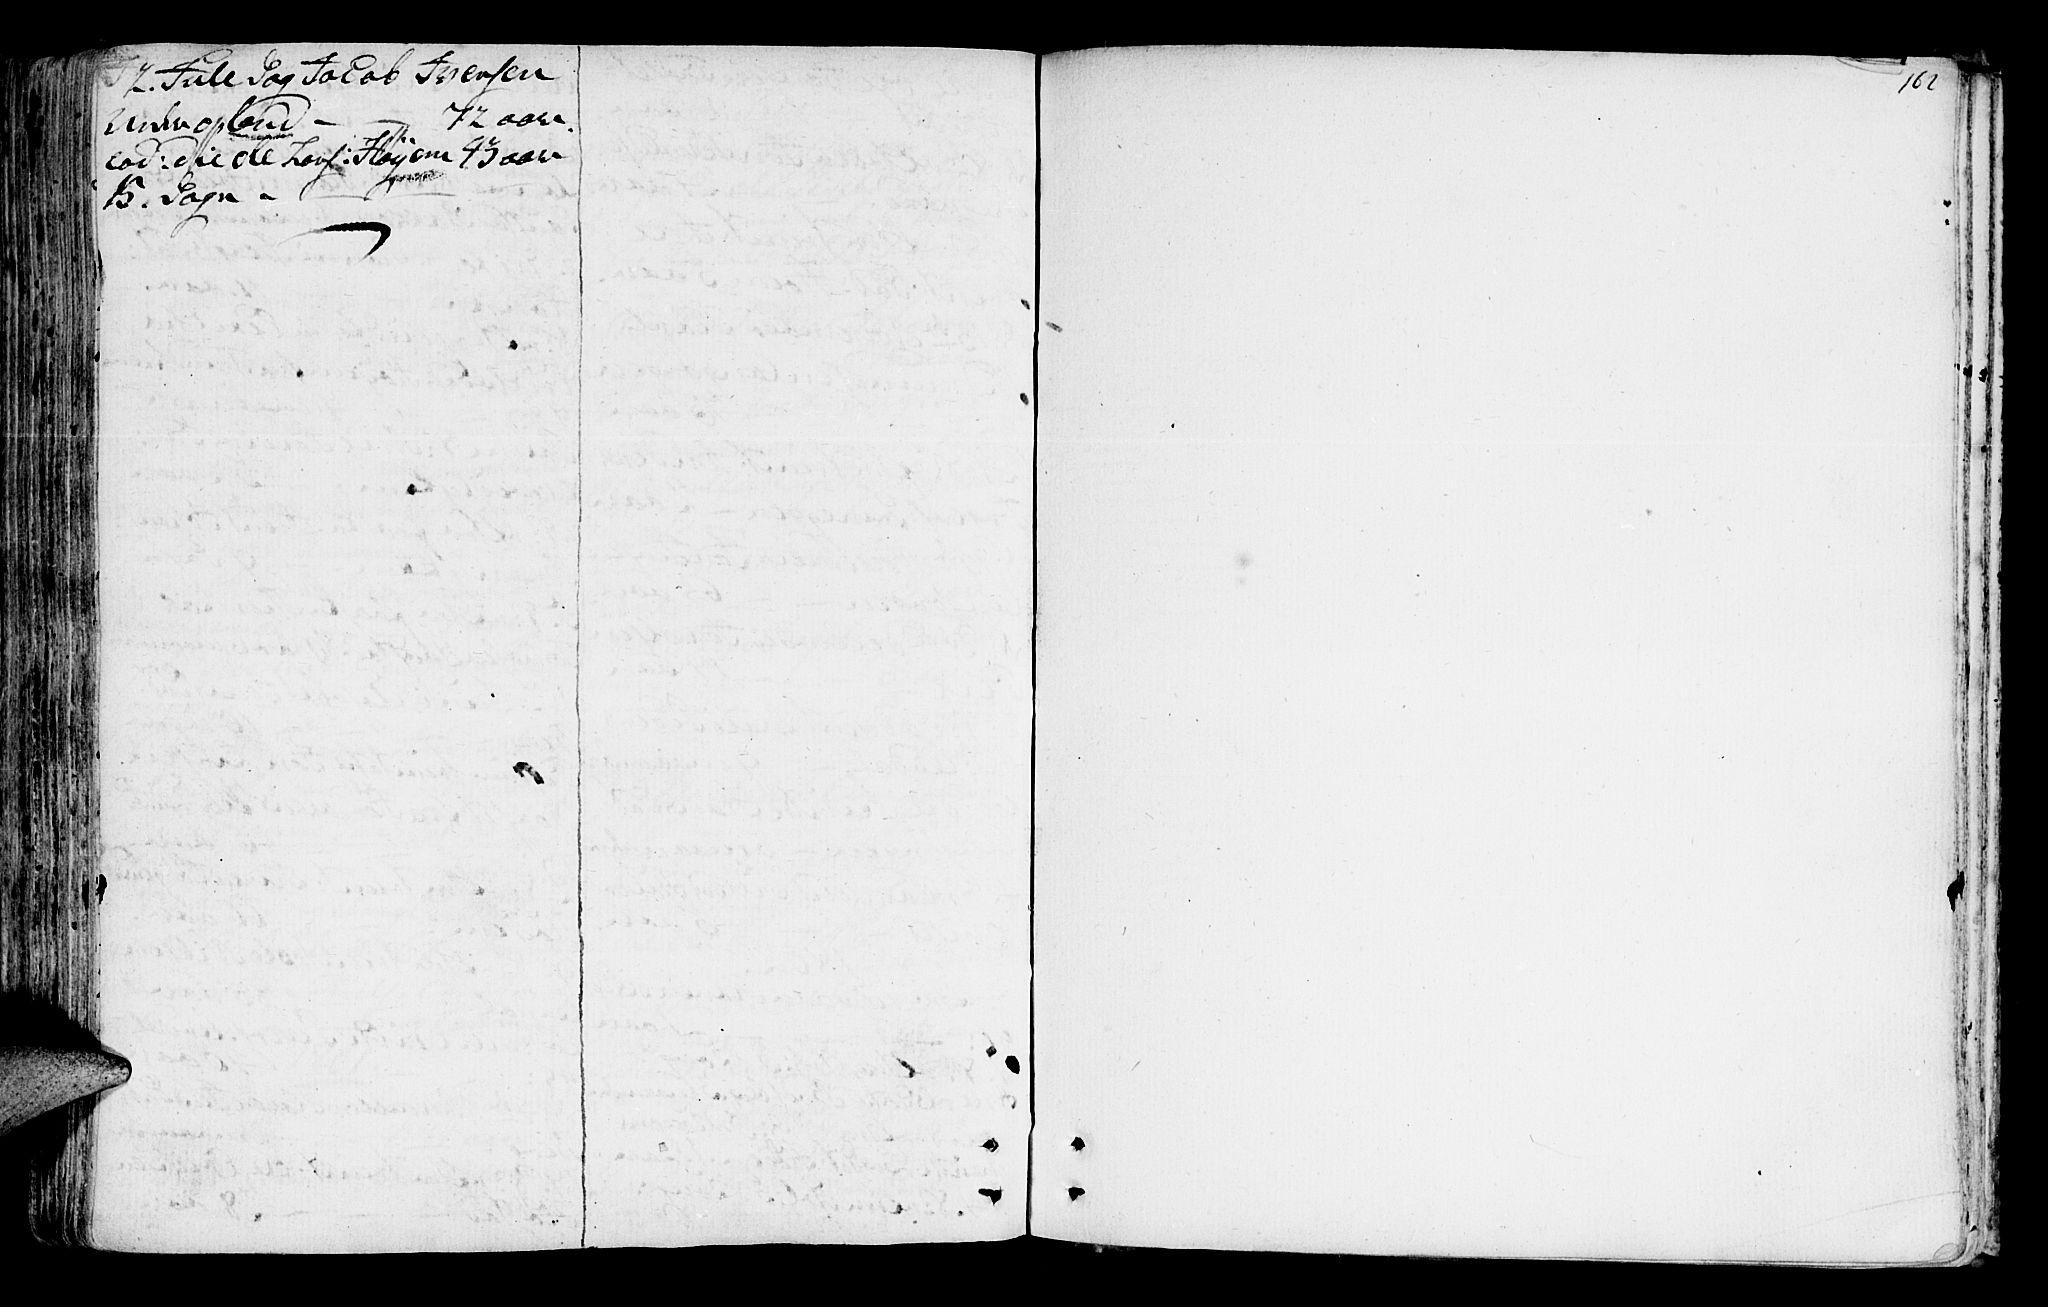 SAT, Ministerialprotokoller, klokkerbøker og fødselsregistre - Sør-Trøndelag, 612/L0370: Ministerialbok nr. 612A04, 1754-1802, s. 162